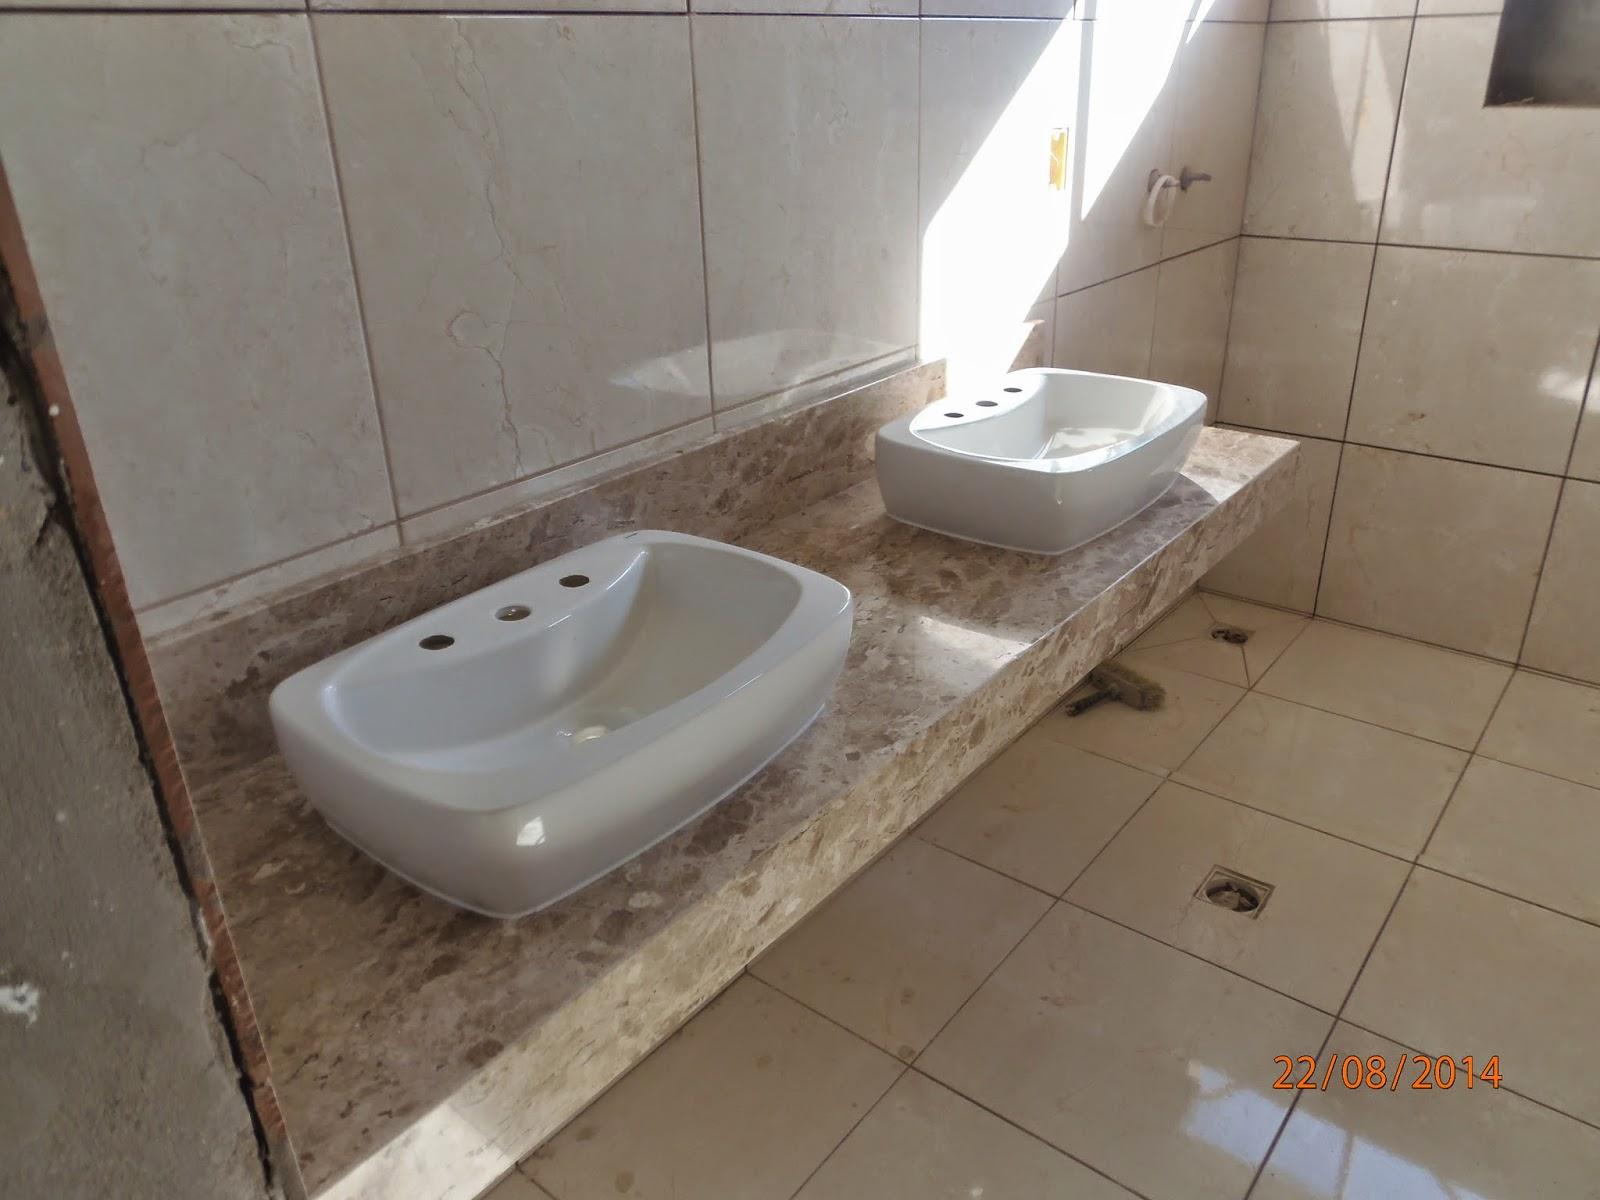 MINHA MAIS NOVA CASA: 44ª semana de obras #AC561F 1600x1200 Banheiro Bancada Travertino